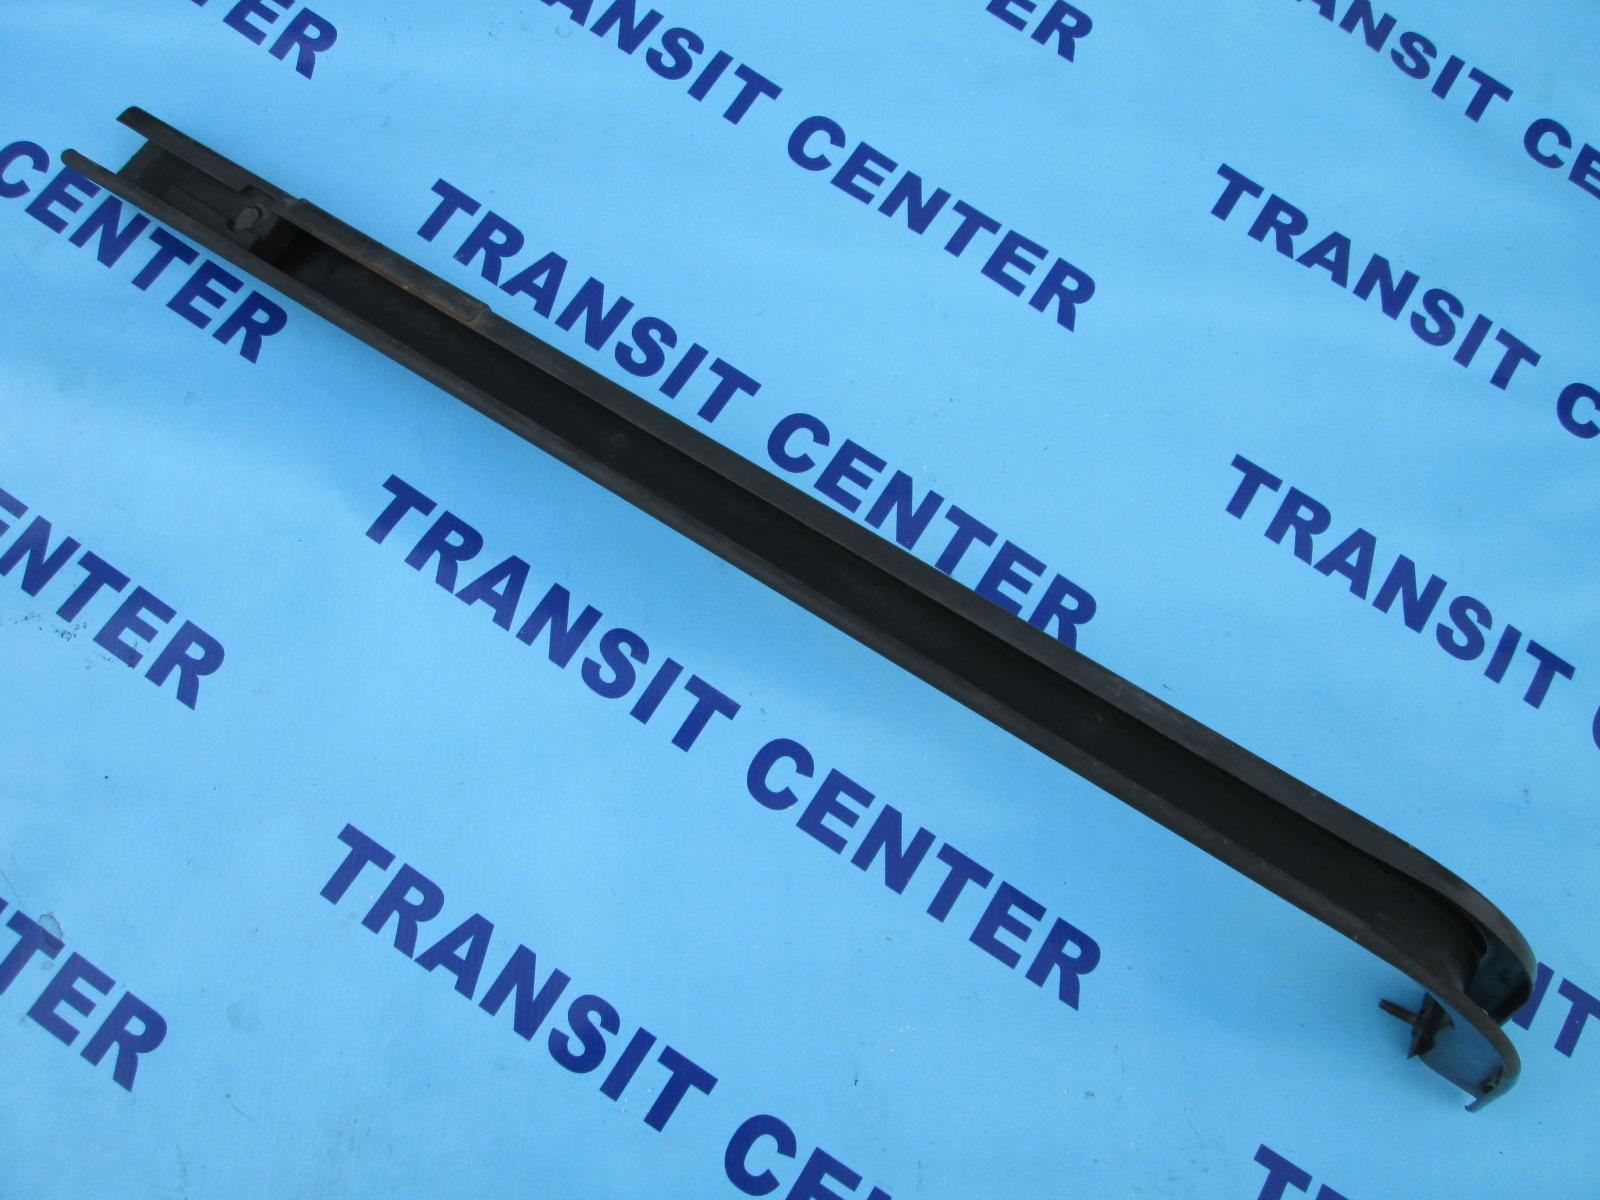 di guida porta scorrevole Ford Transit Connect corto, destra centrale.